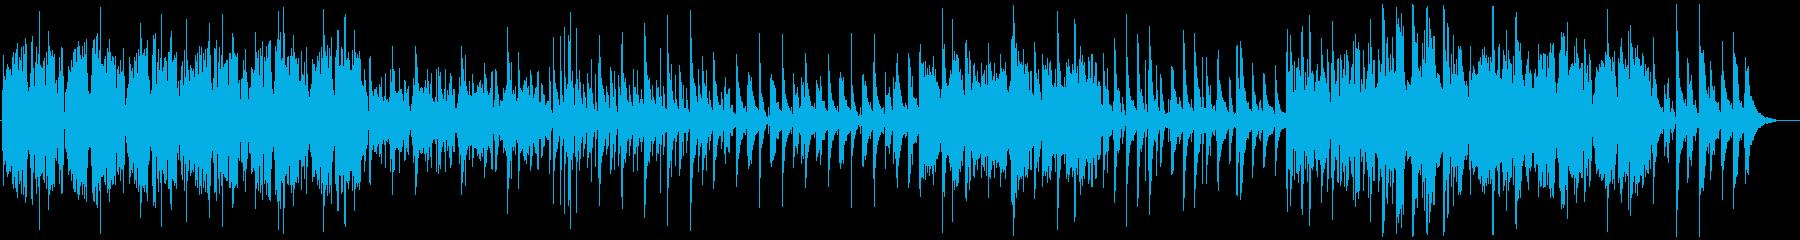 ケルト-森-アイリッシュ-優しい-可愛いの再生済みの波形